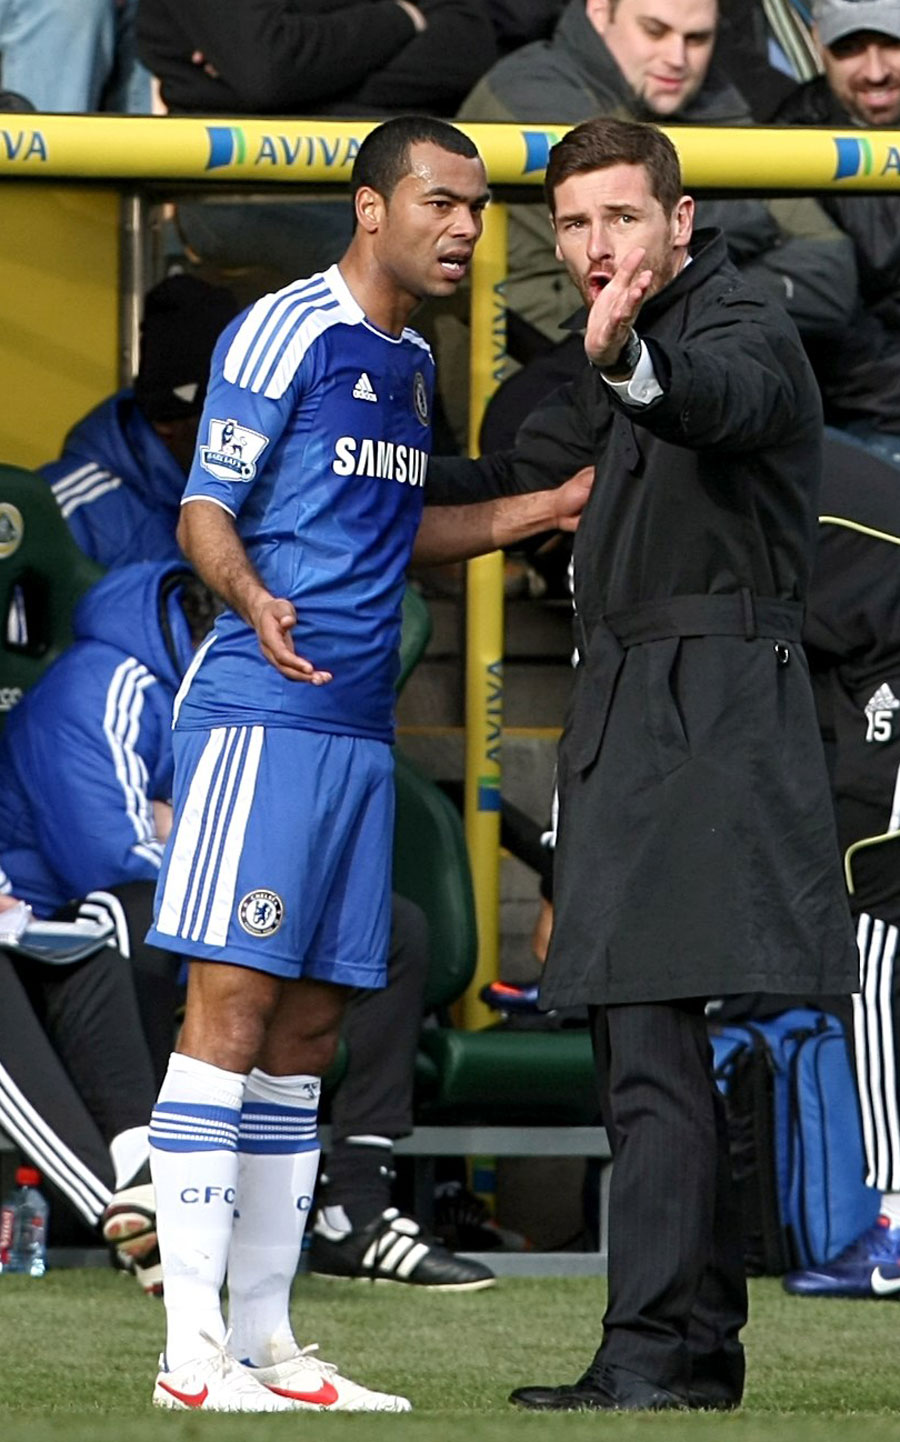 33892 - Chelsea sack Villas-Boas